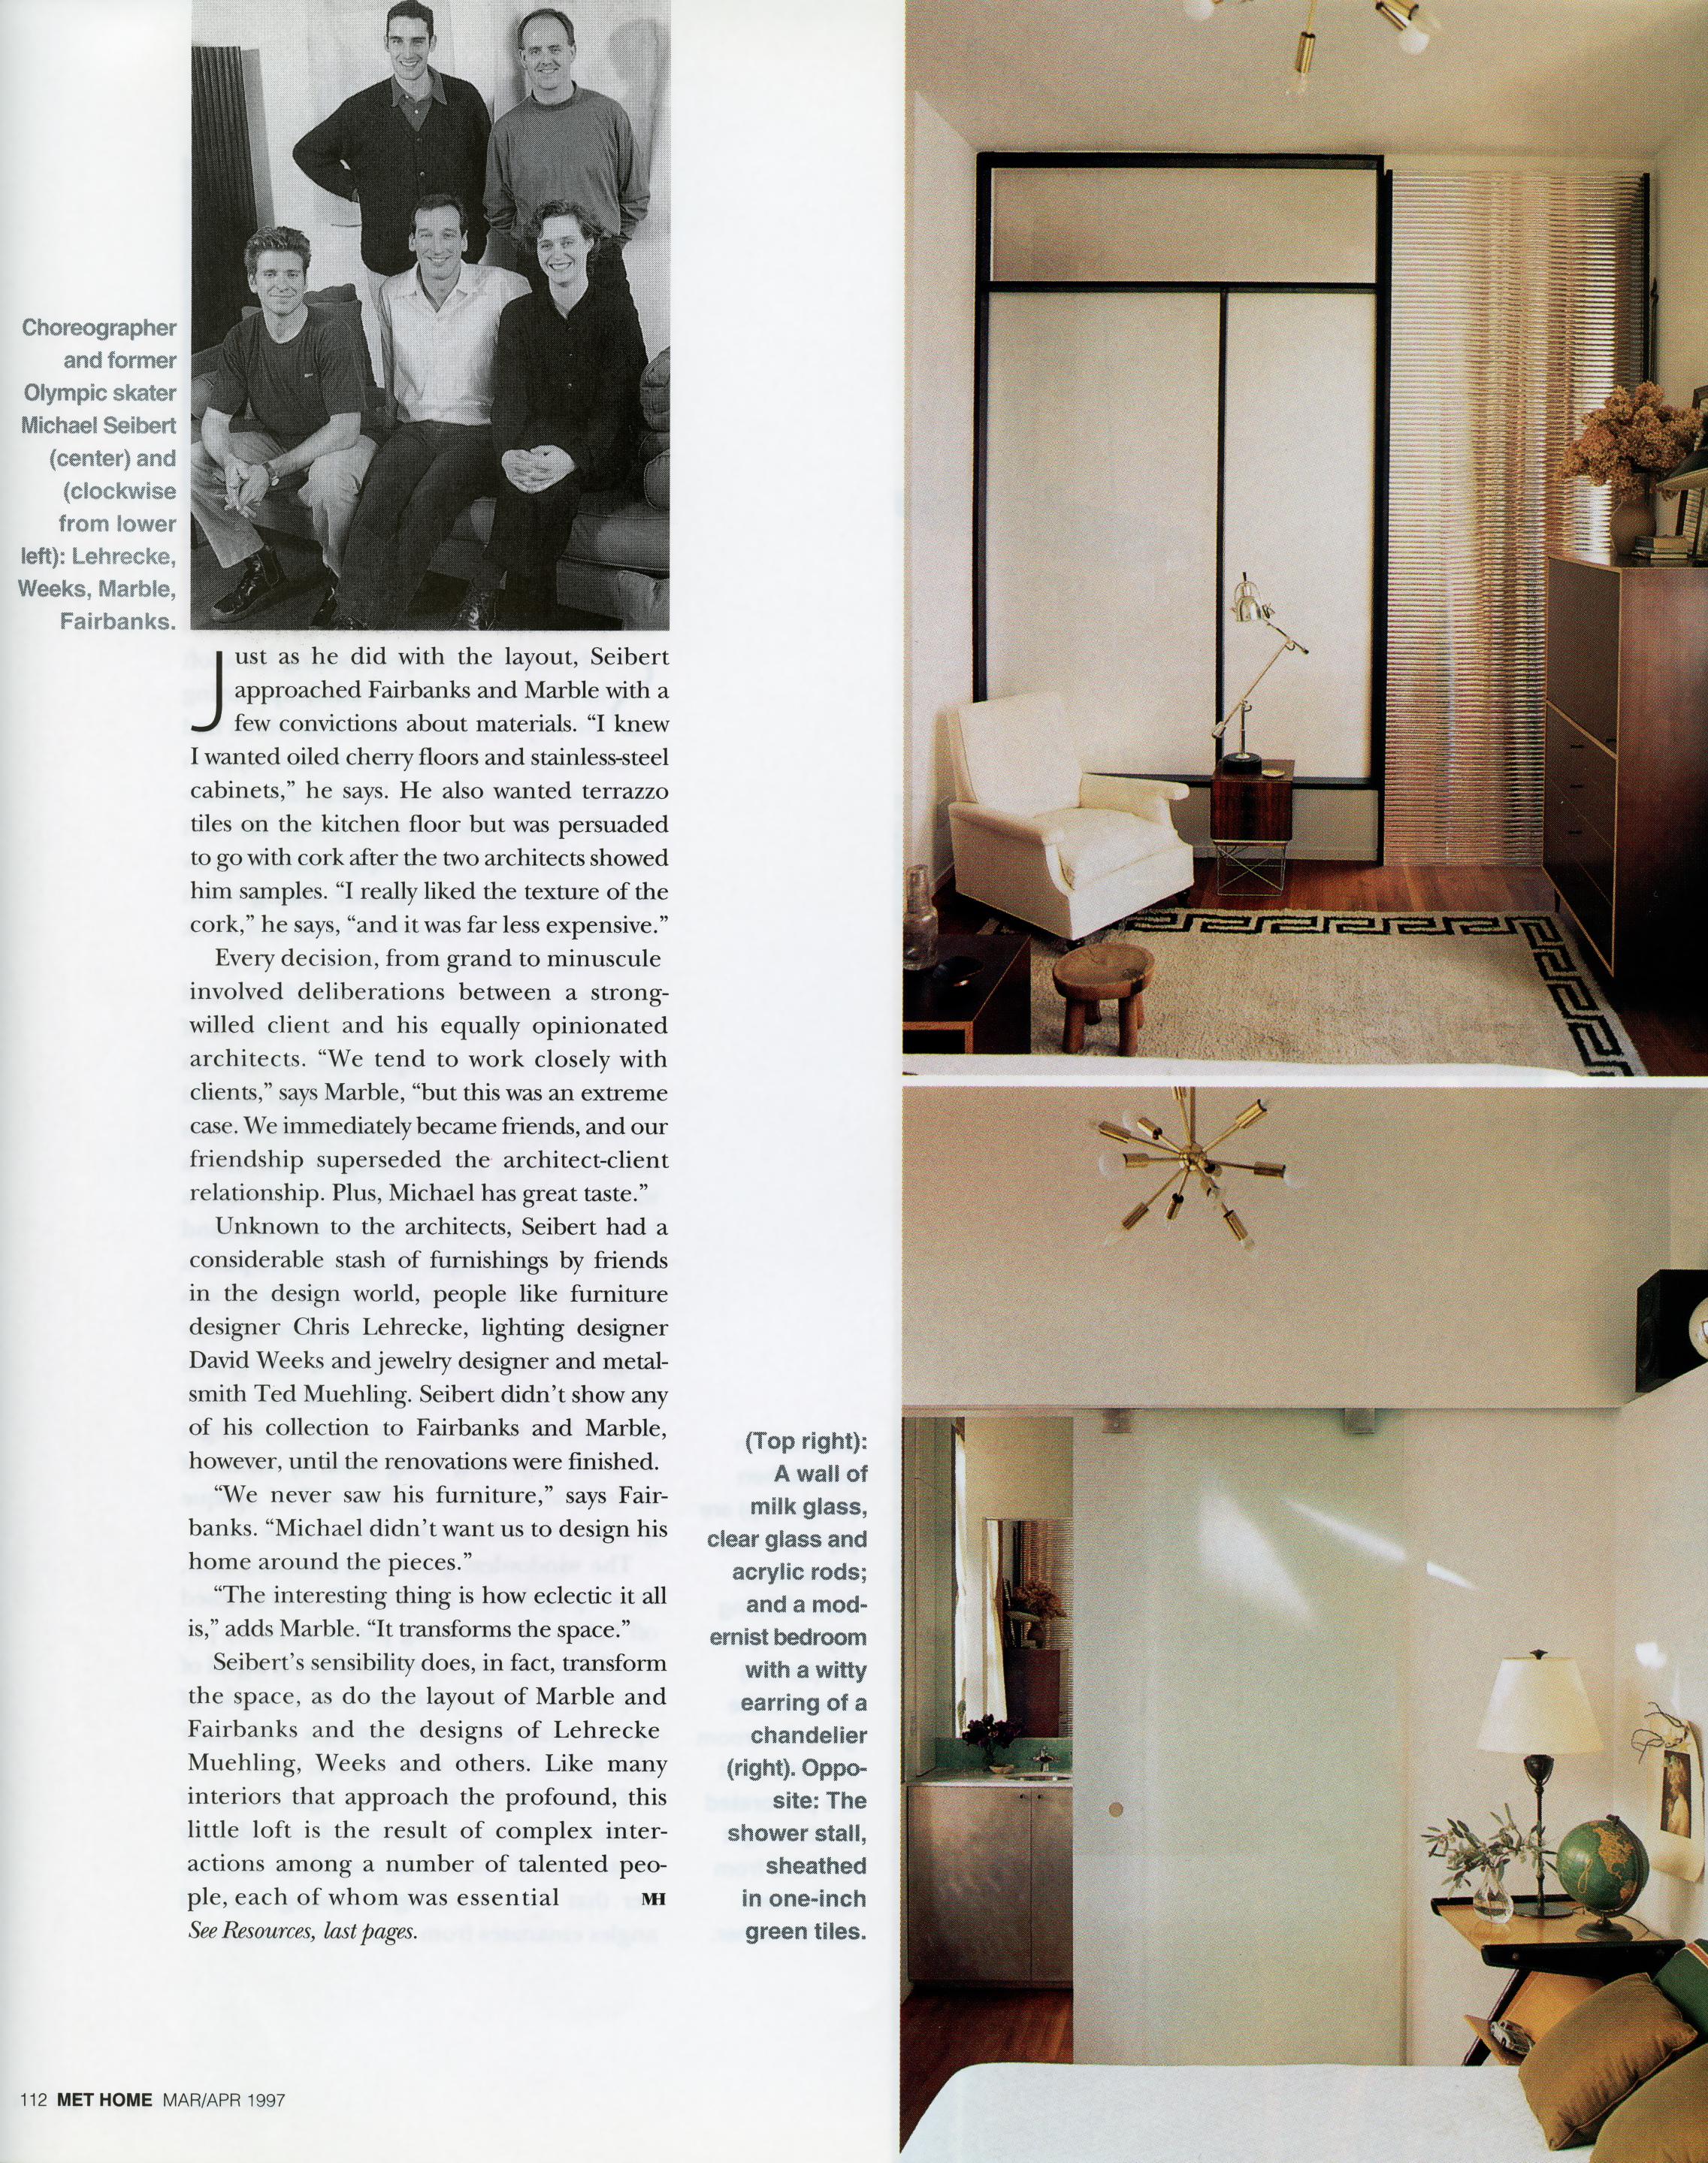 Metropolitan Home 1997 6.JPG